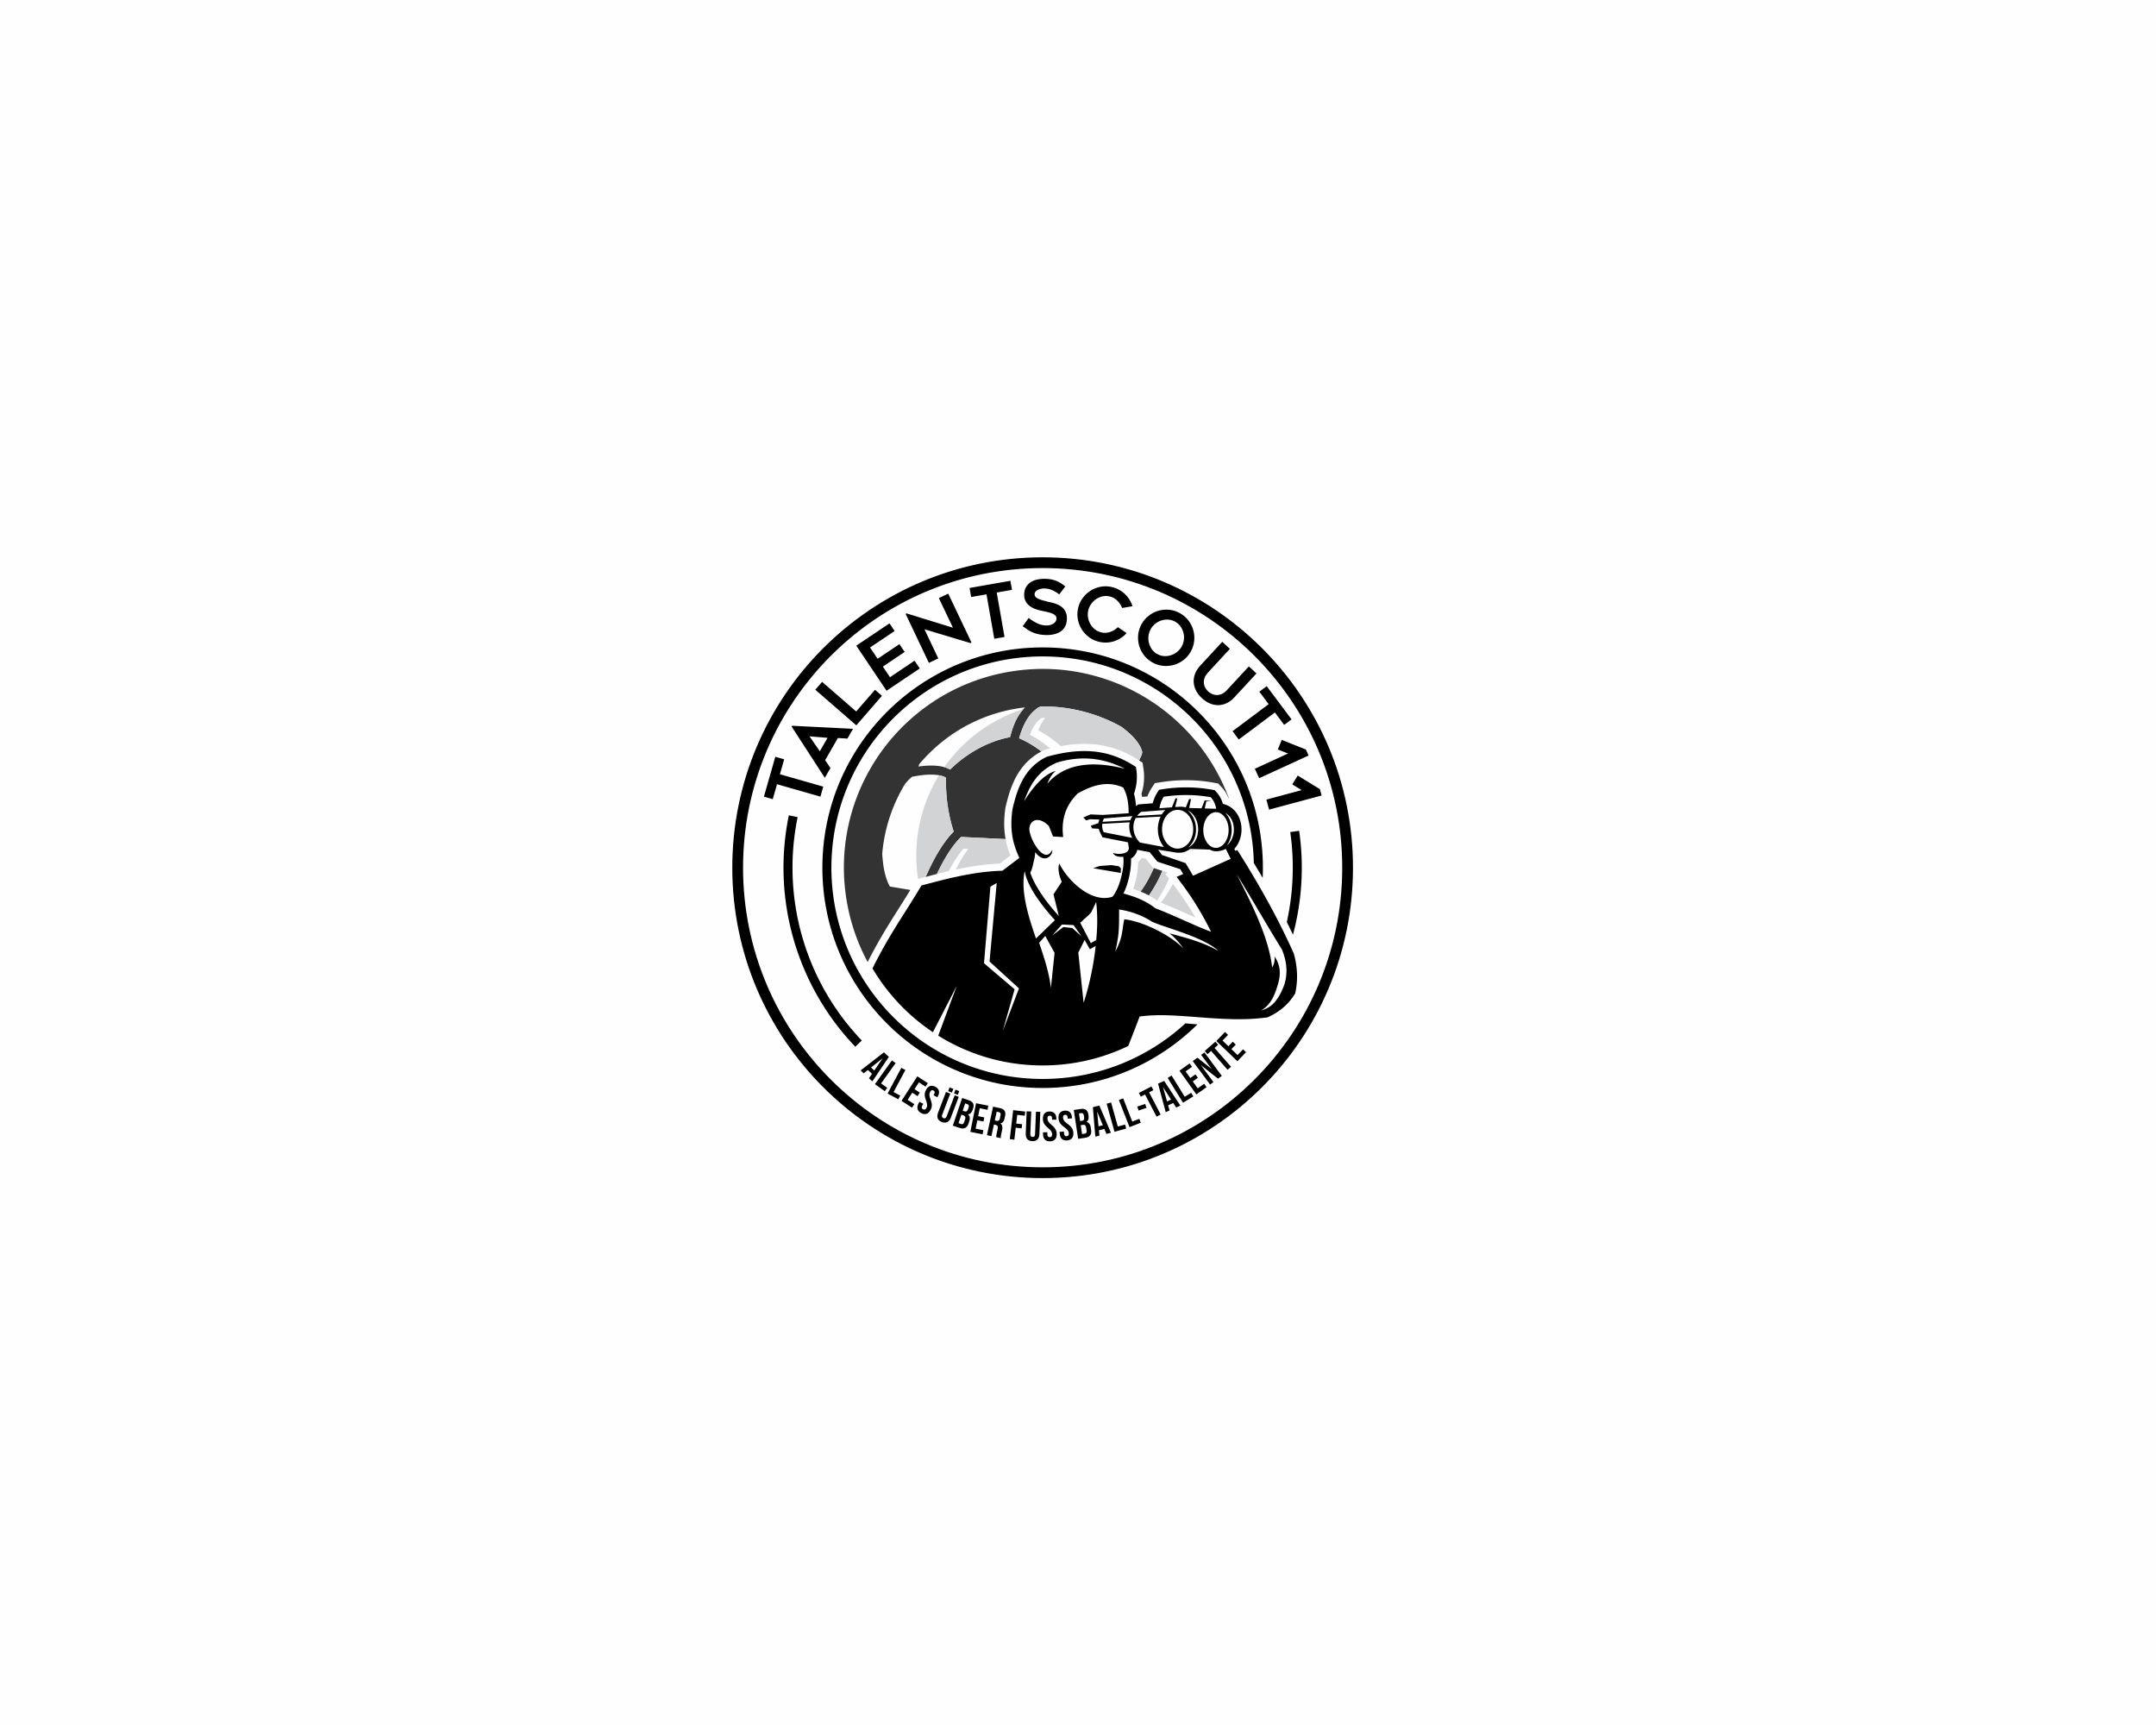 Talentscout11 braucht ein aussagekräftiges Logo (Thema Fußball)